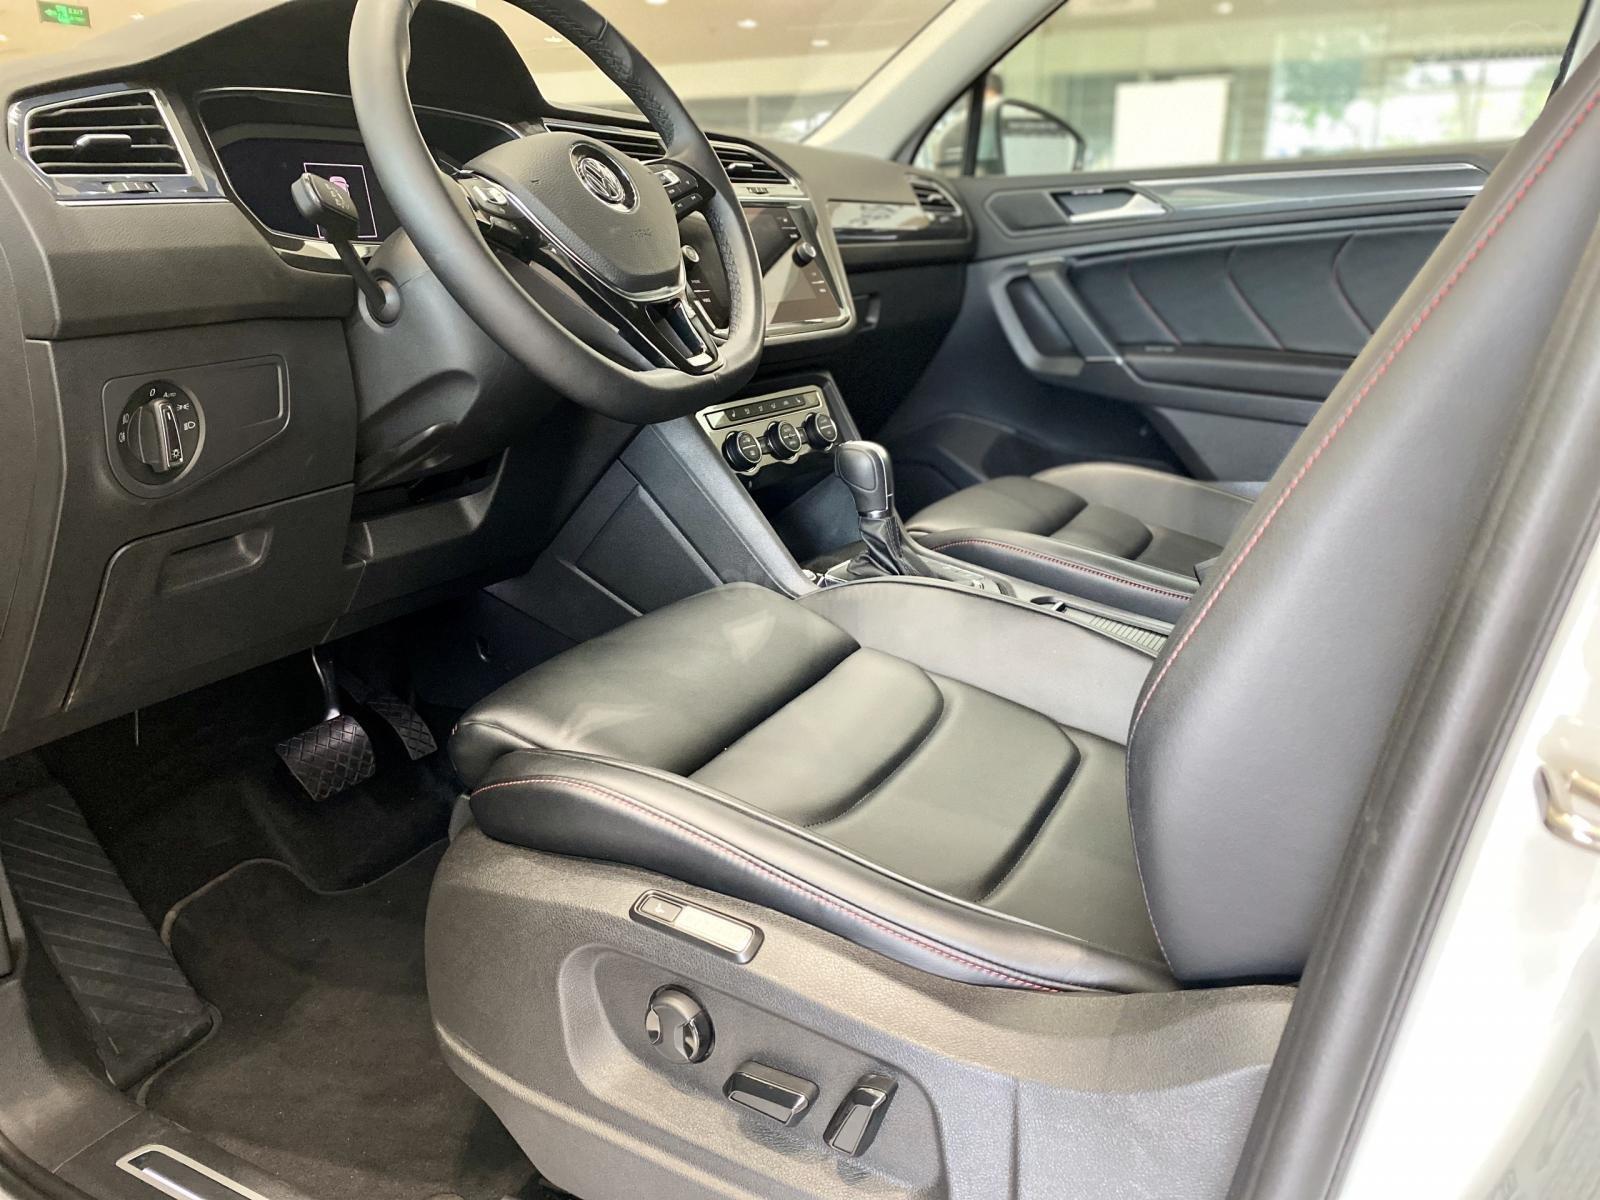 Volkswagen Sài Gòn Tiguan Luxury màu trắng - Giá tốt cho tháng ngâu - 6 màu giao ngay (trắng, đen, đỏ,.. ) - Hỗ trợ vay 80% (10)